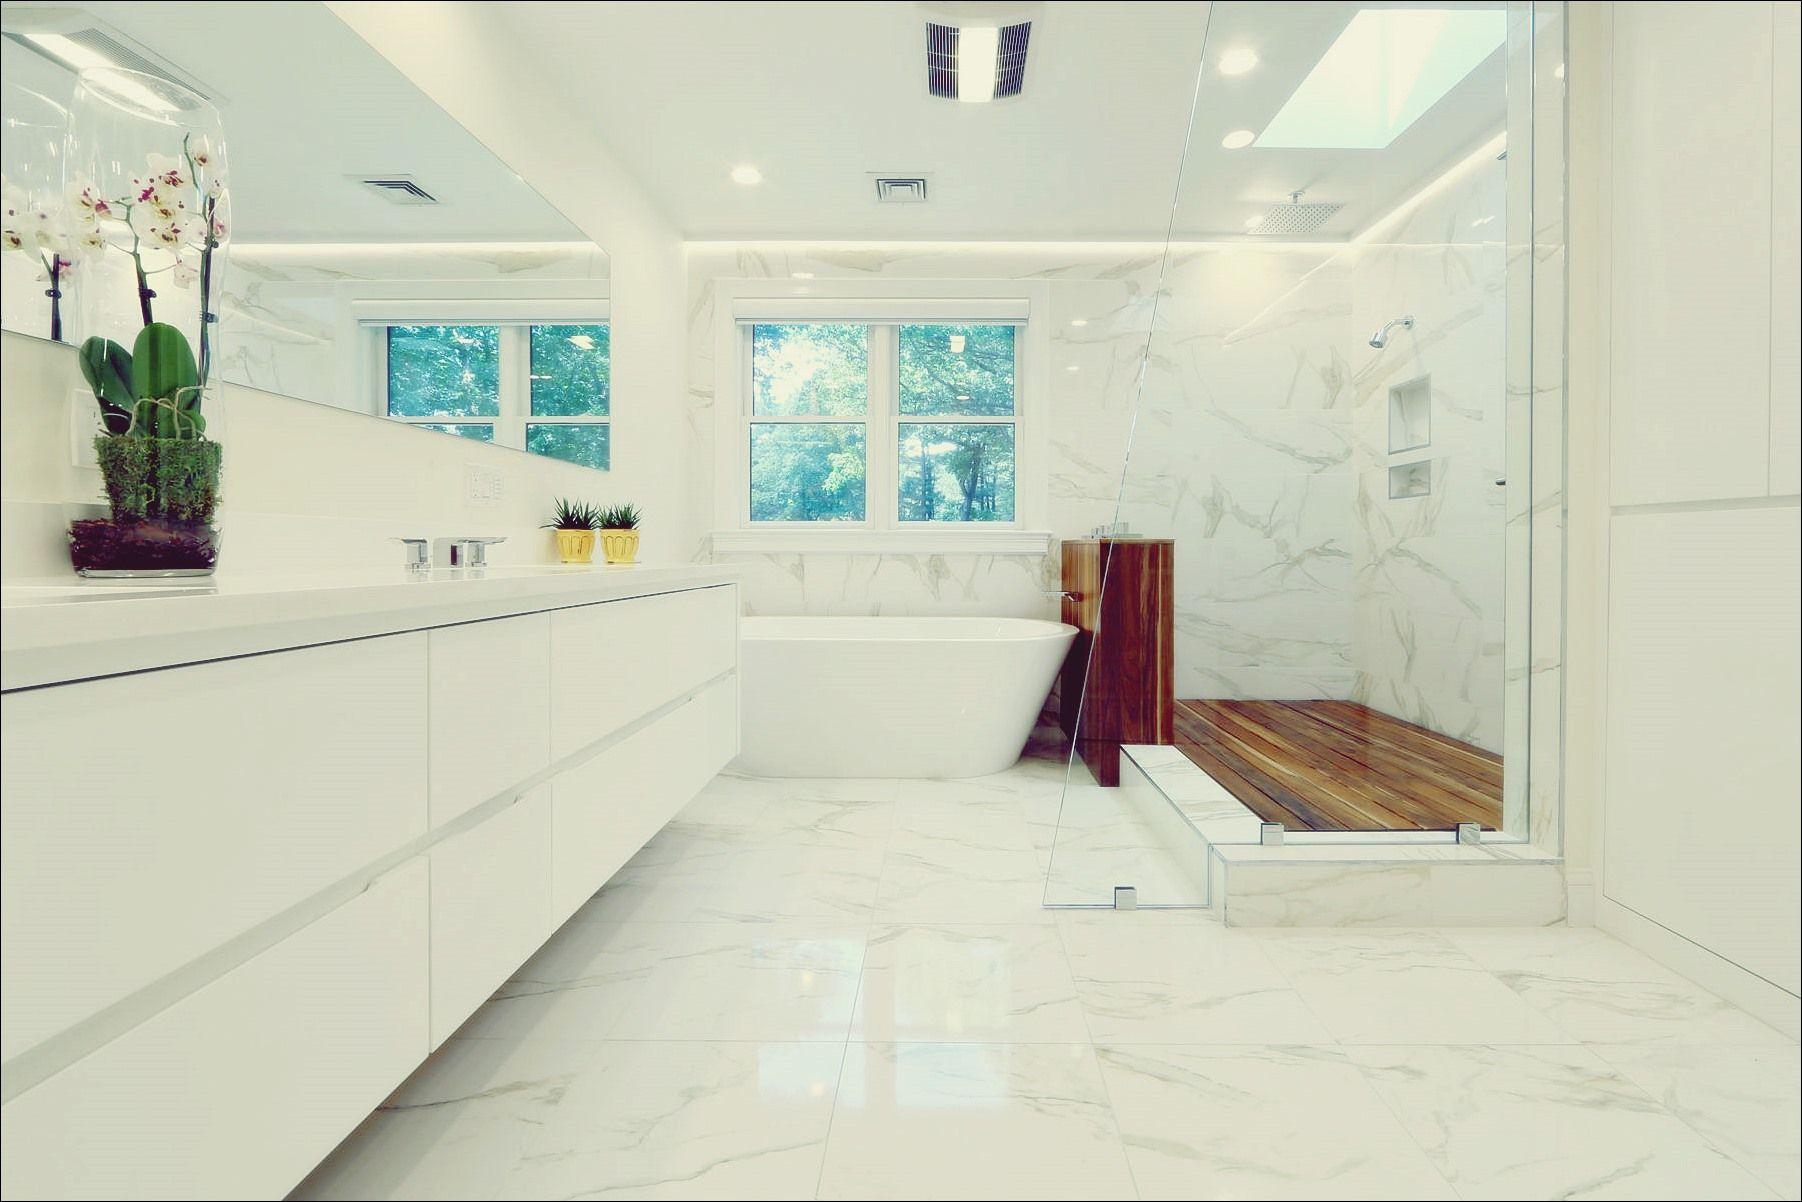 15 Moglichkeiten Ihr Weisses Badezimmer Mit Stil Aufzufrischen Duschboden Weisse Badezimmer Badezimmer Einrichtung